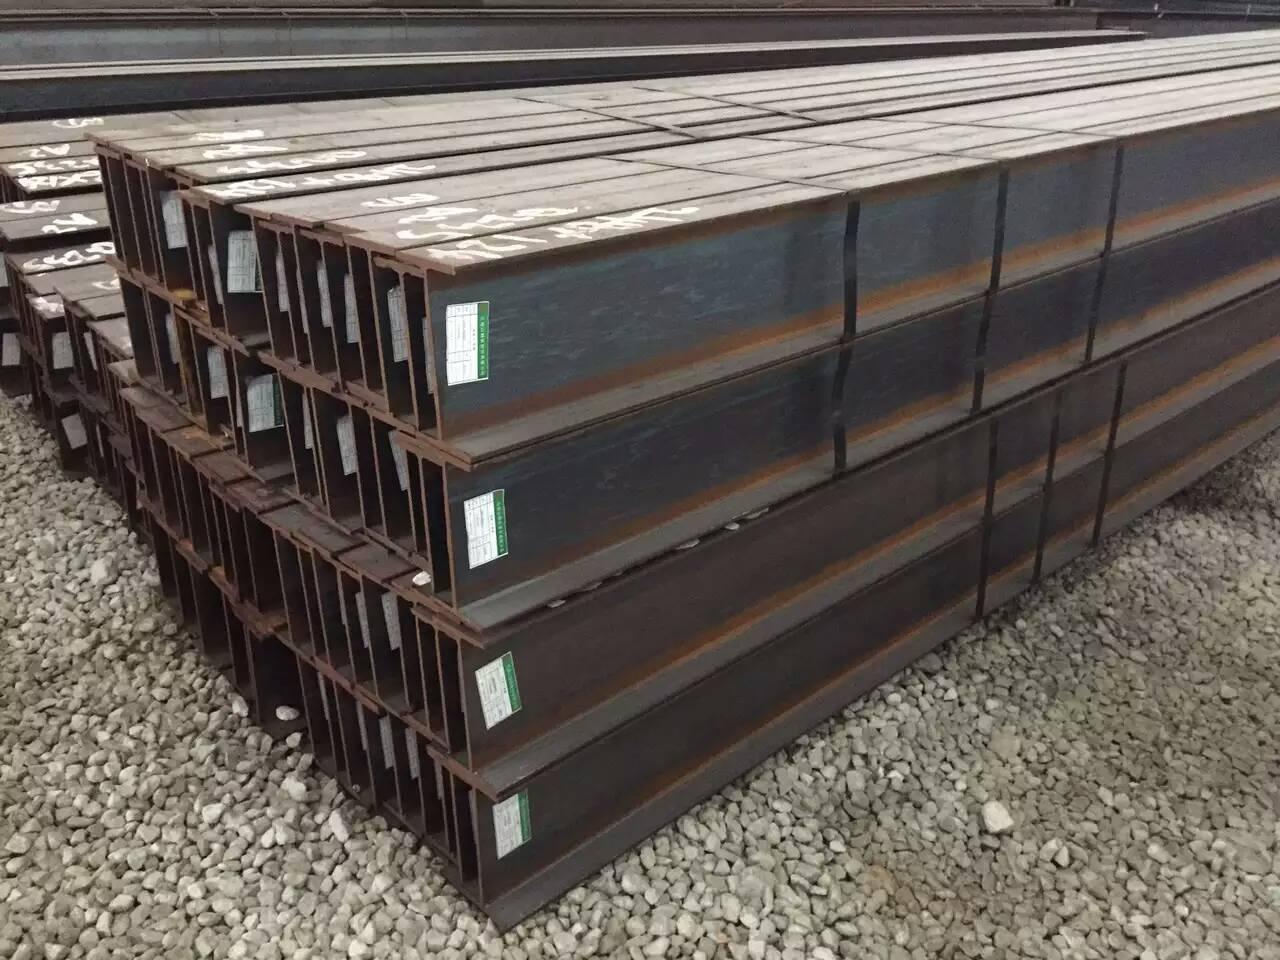 来自林师向发布的供应信息:钢材批发,配送,加工... - 金湾区丰来利建材经营部